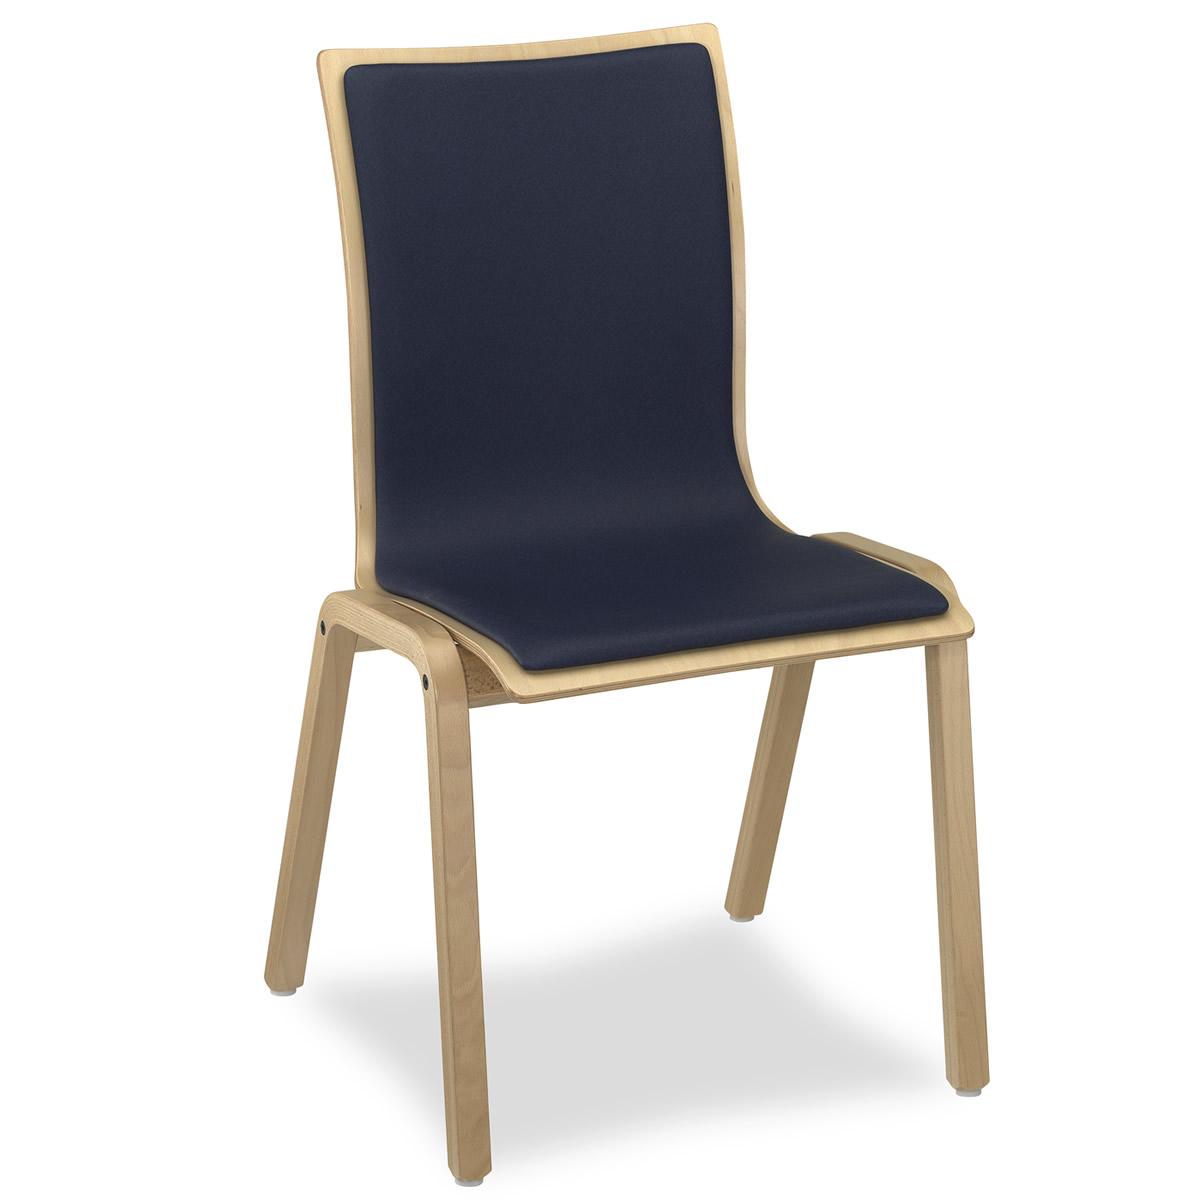 Braun st hle leo 6112 021 - Stuhlfabrik braun ...